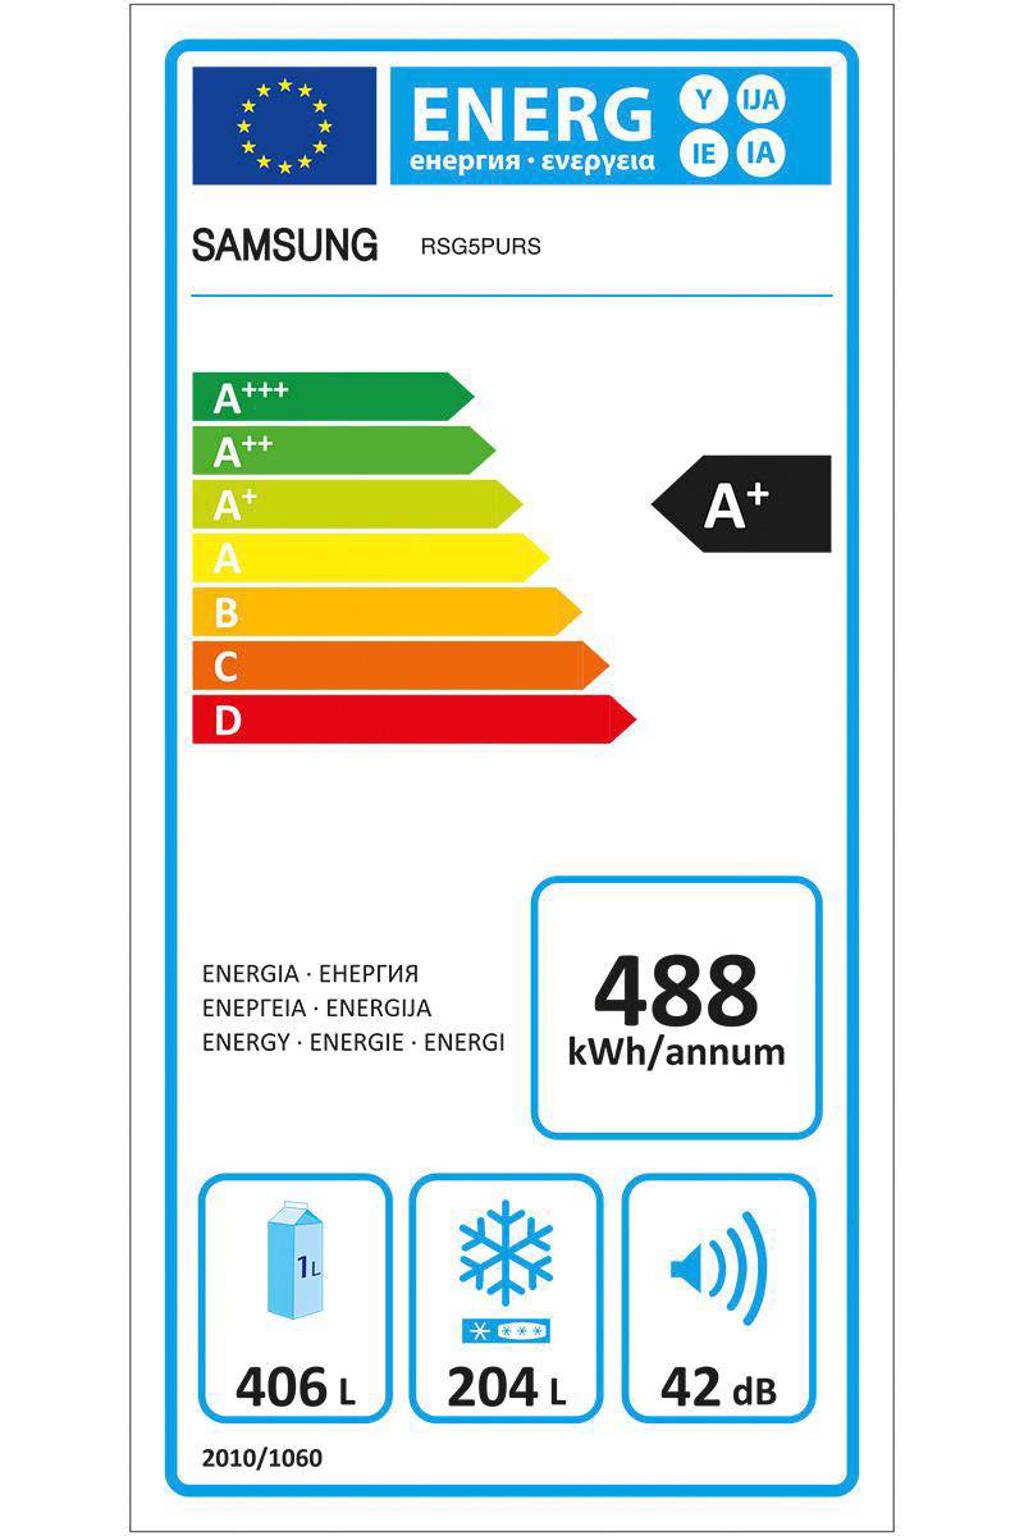 Verrassend Samsung RSG5P Amerikaanse koelkast | wehkamp GV-29